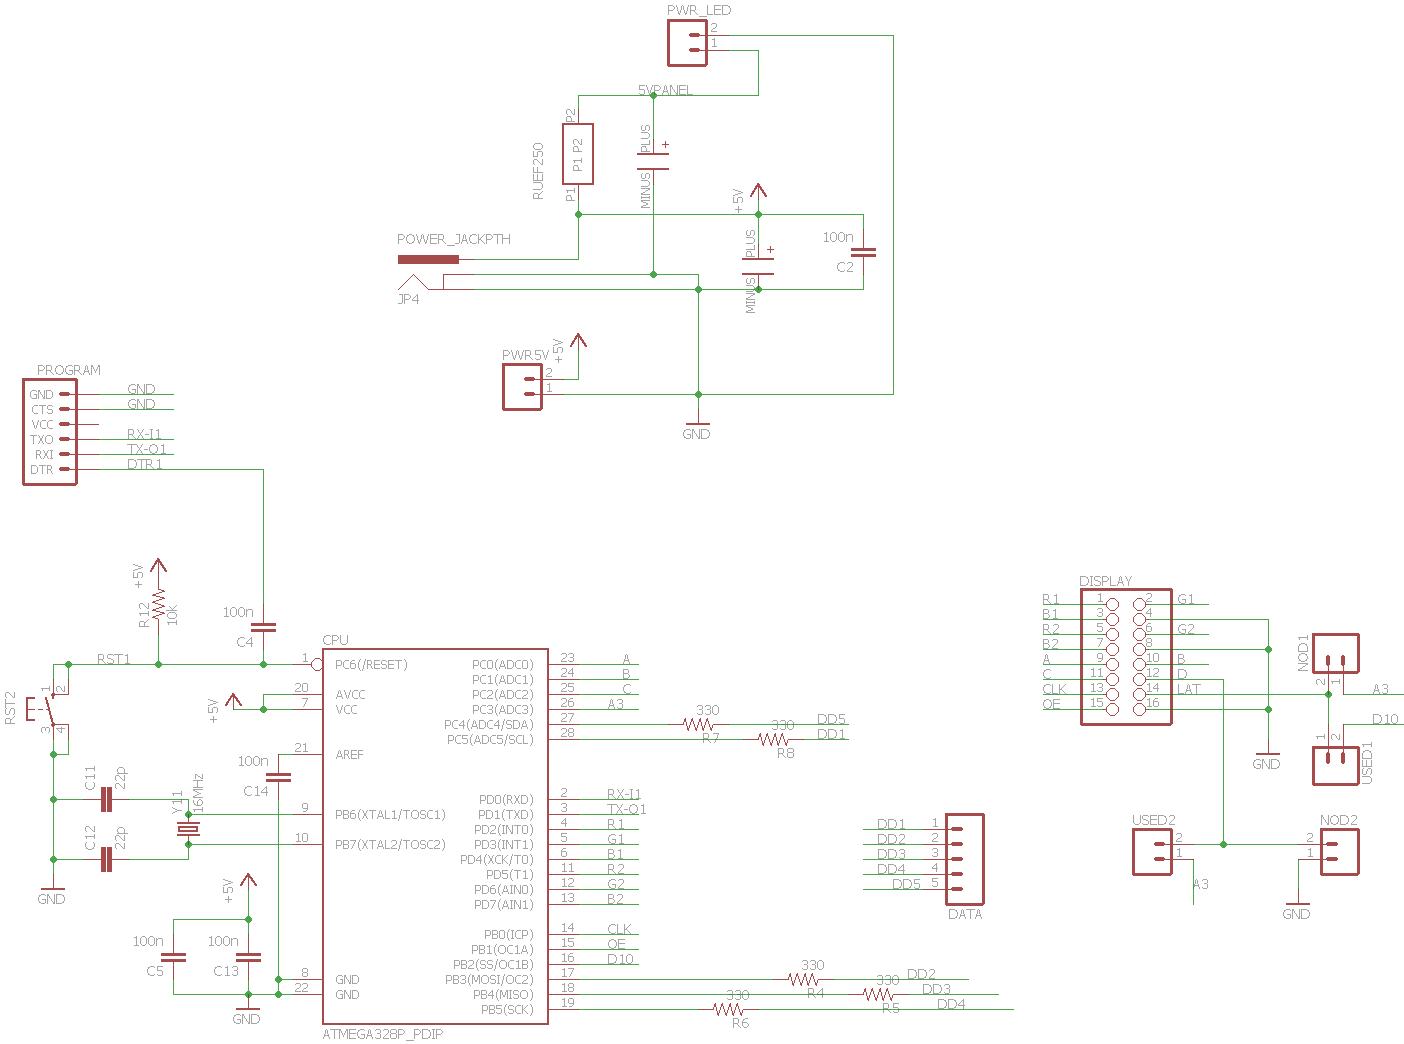 eagle schematic auto net